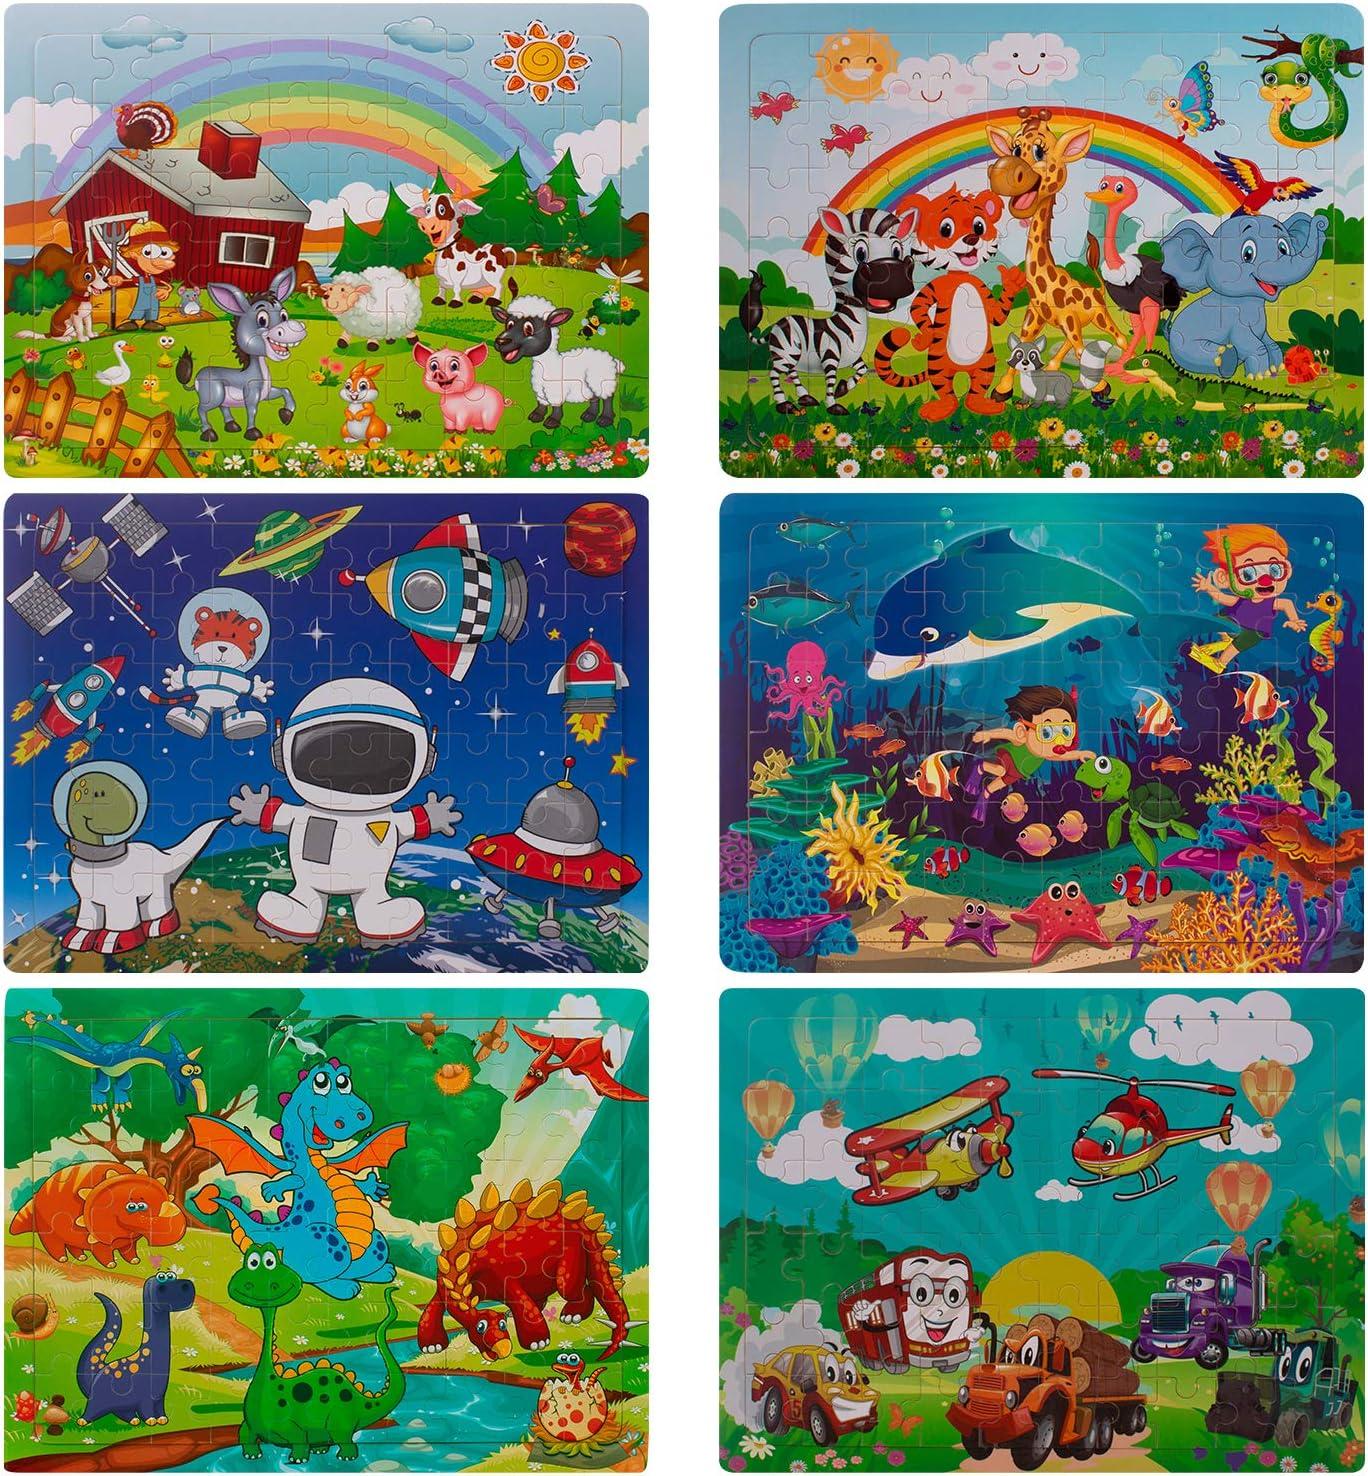 Swonuk Puzzle Madera Bebe, 60 Piezas Rompecabezas Madera niños, Include Animales, numeros, Letras, Regalo para niños(6 Paquetes, 60 Piezas)